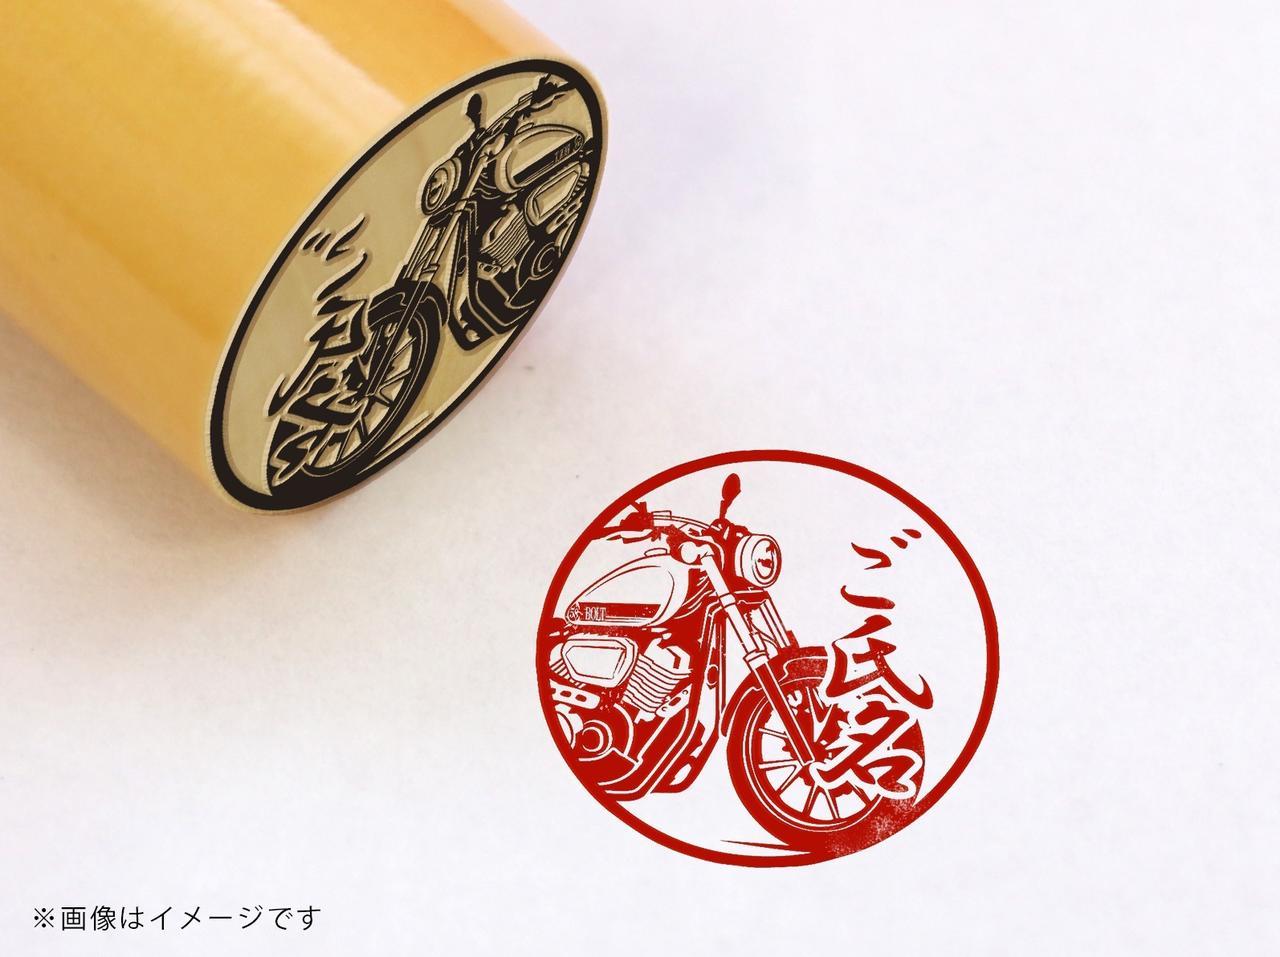 Images : 【YAMAHA】BOLT・柘植丸印18mm